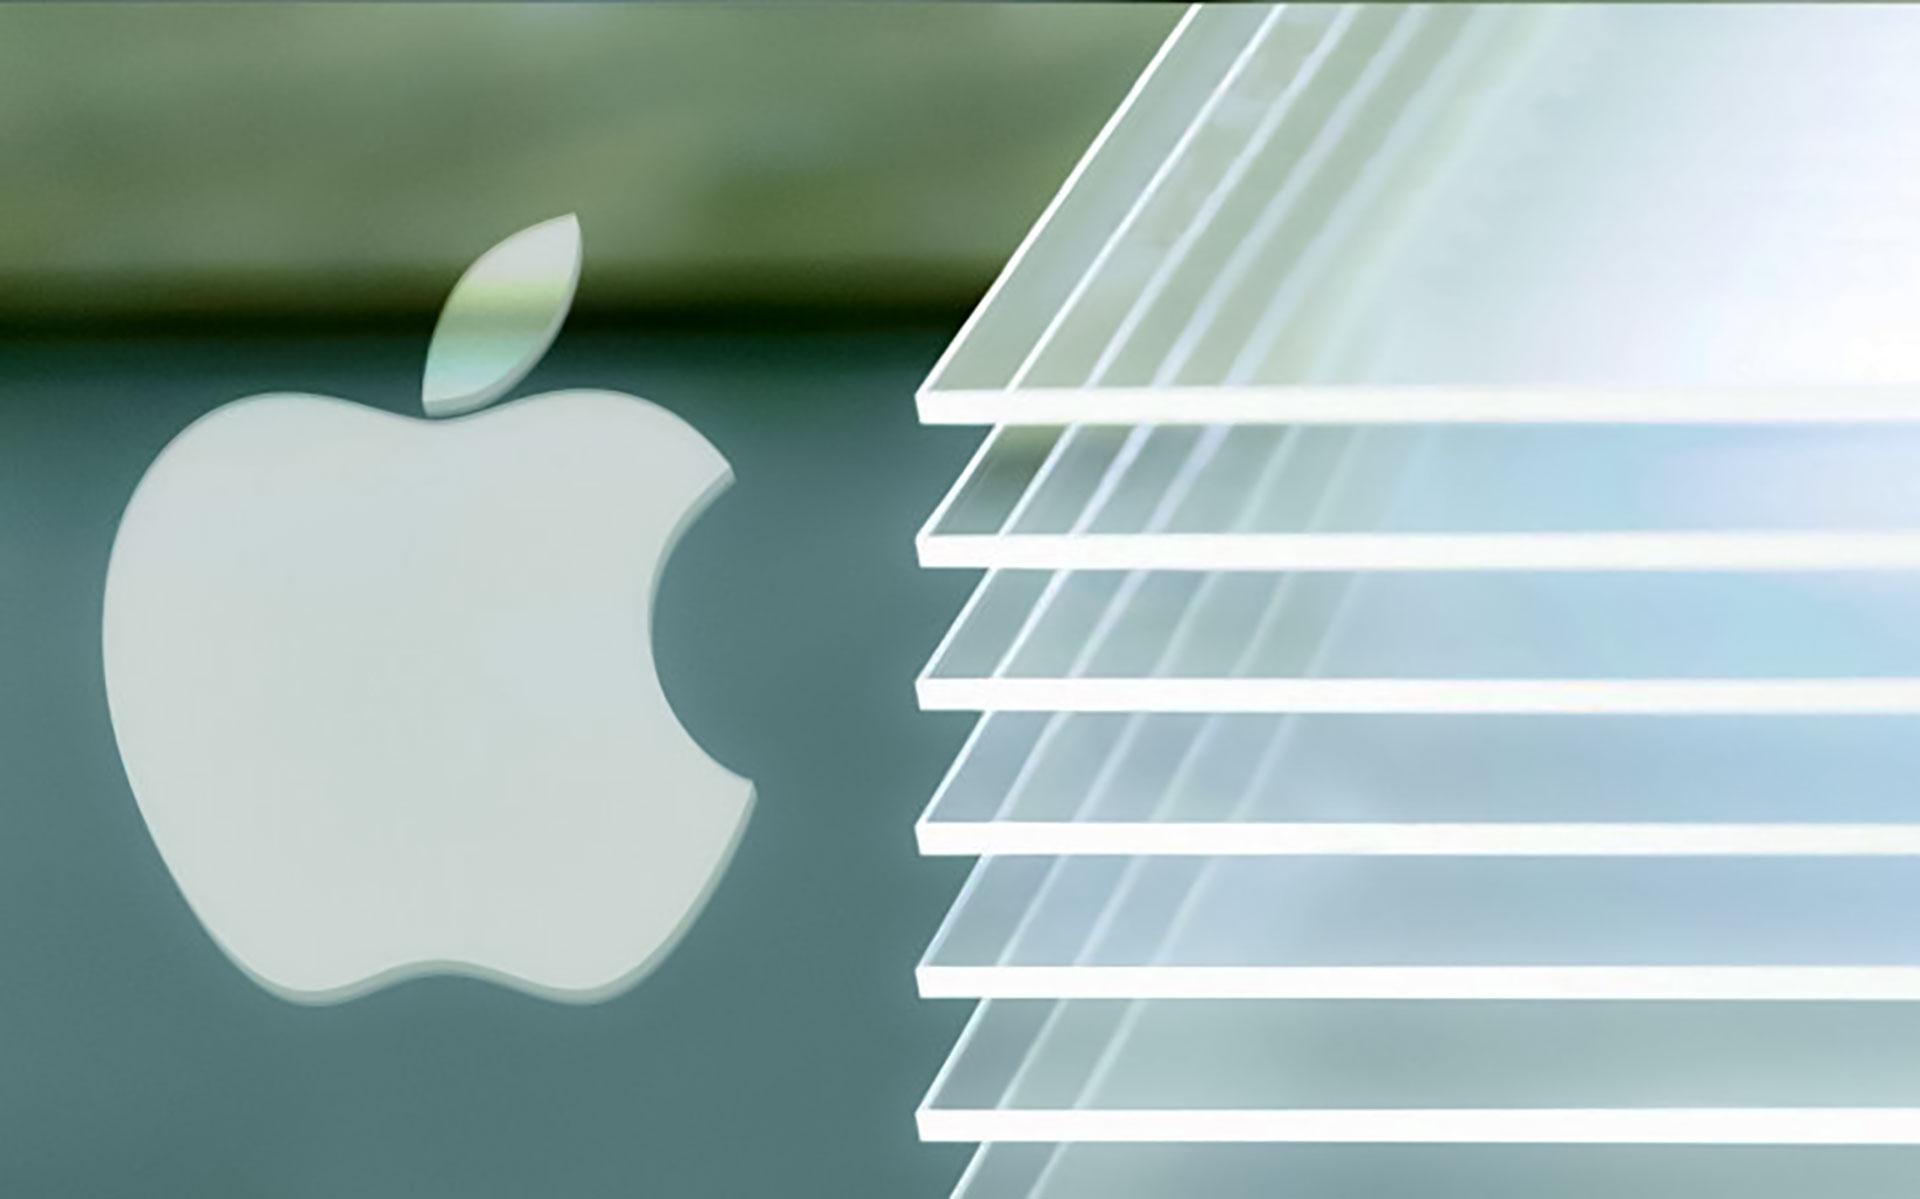 دلیل سرمایه گذاری ۲۵۰ میلیارد دلاری اپل در شرکت کورنینگ چیست؟